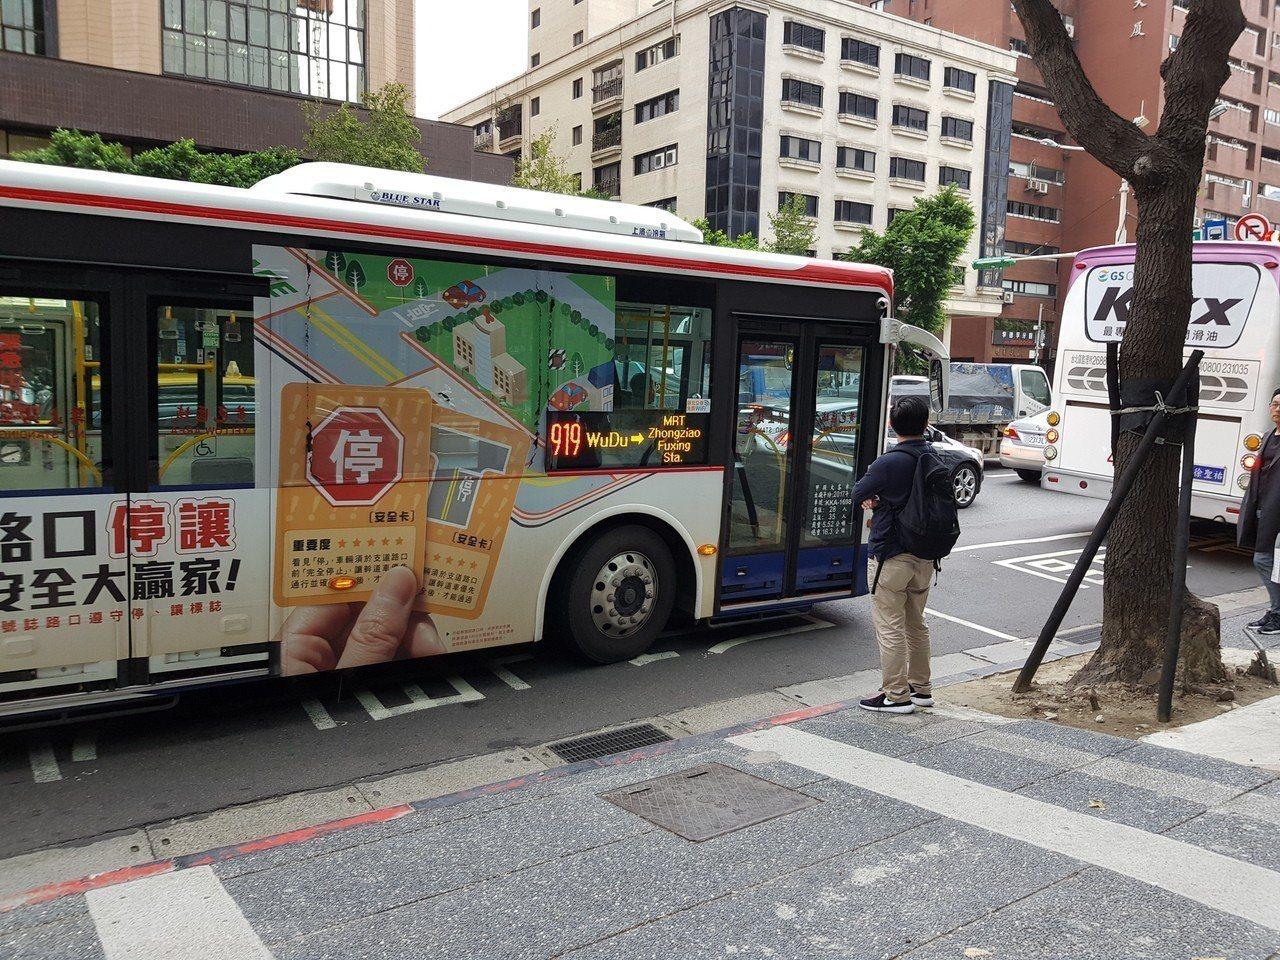 大台北搭公車,究竟上車或下車時感應電子票證,有民眾常會搞不清而困擾;北市預計明年...